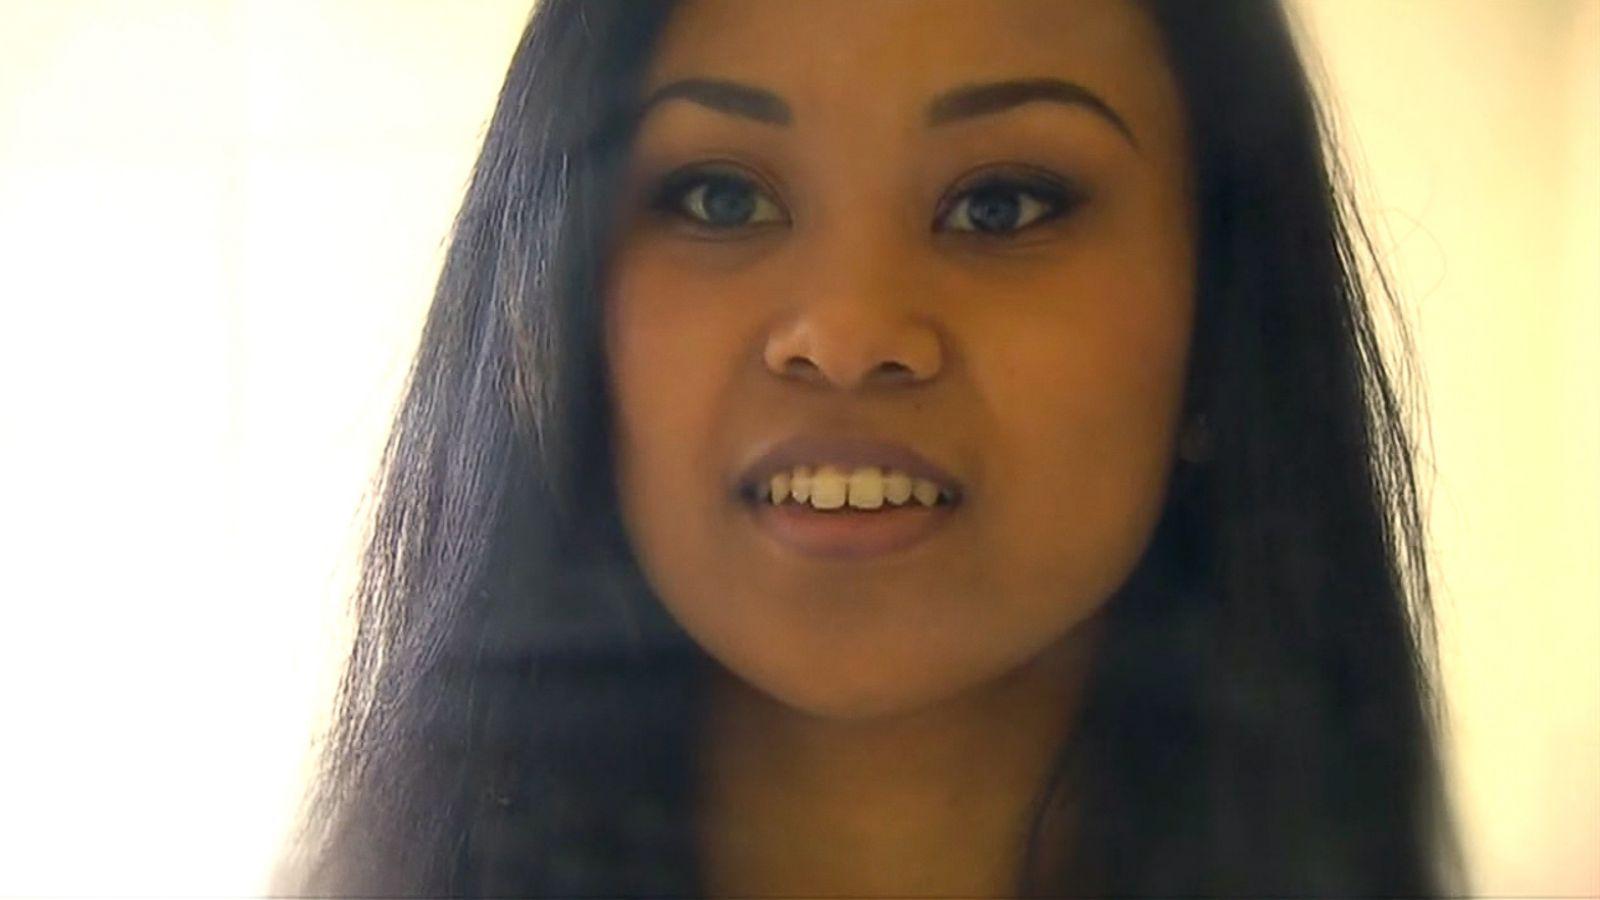 Woman uses rubber bands hair elastics as diy braces abc news solutioingenieria Choice Image